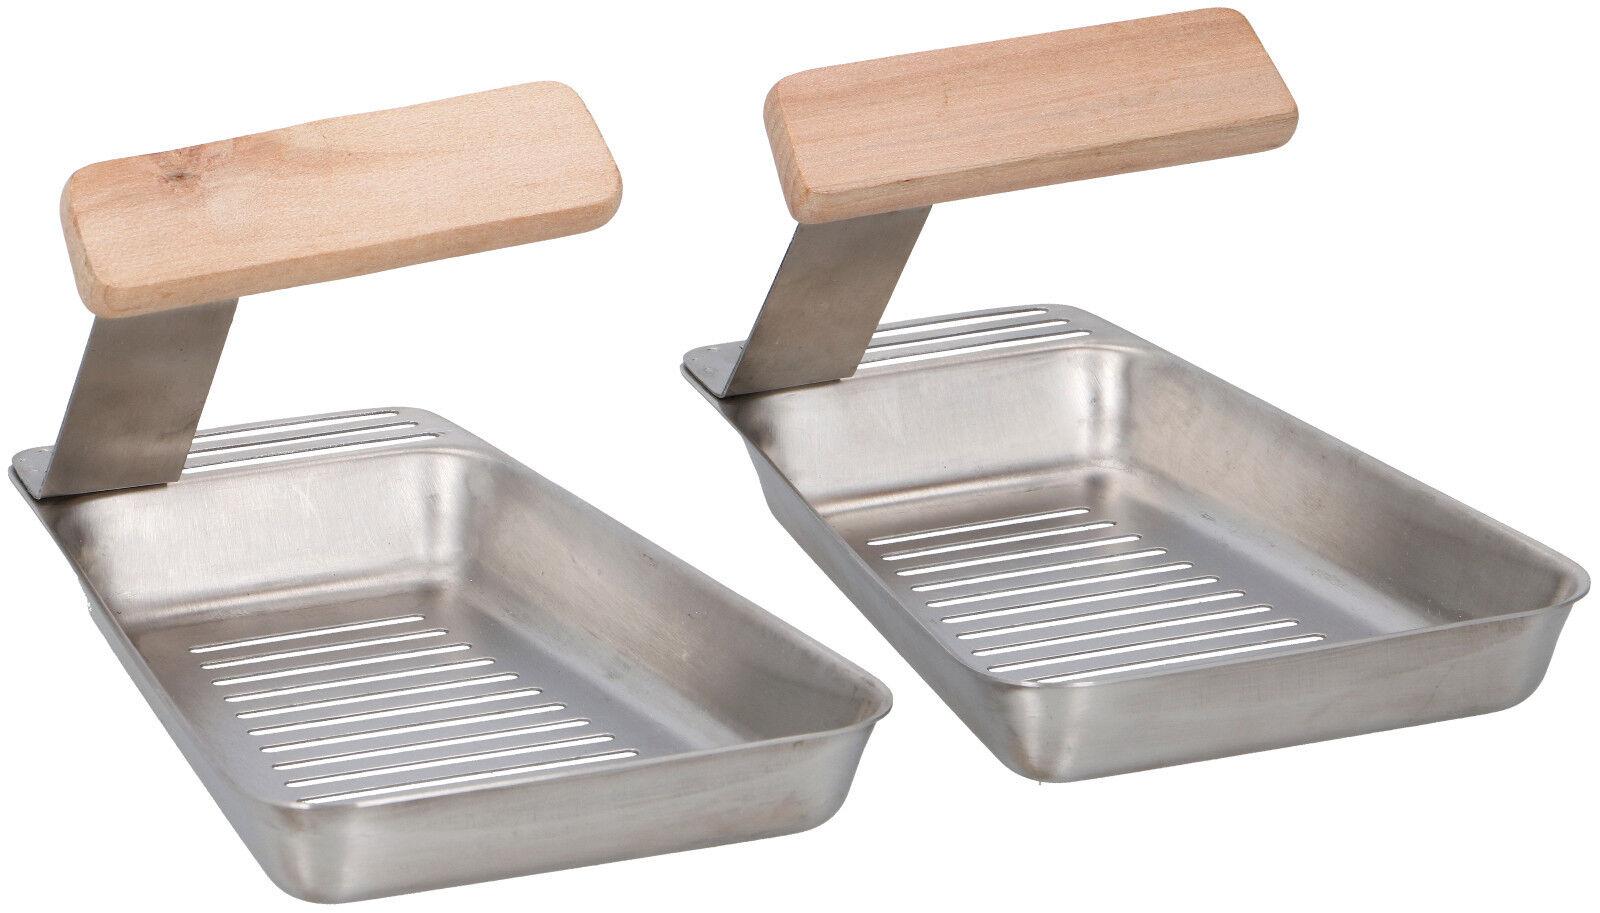 2 x Grillpfanne Edelstahl Grillschale Grillpfännchen BBQ Grill Schale Zubehör